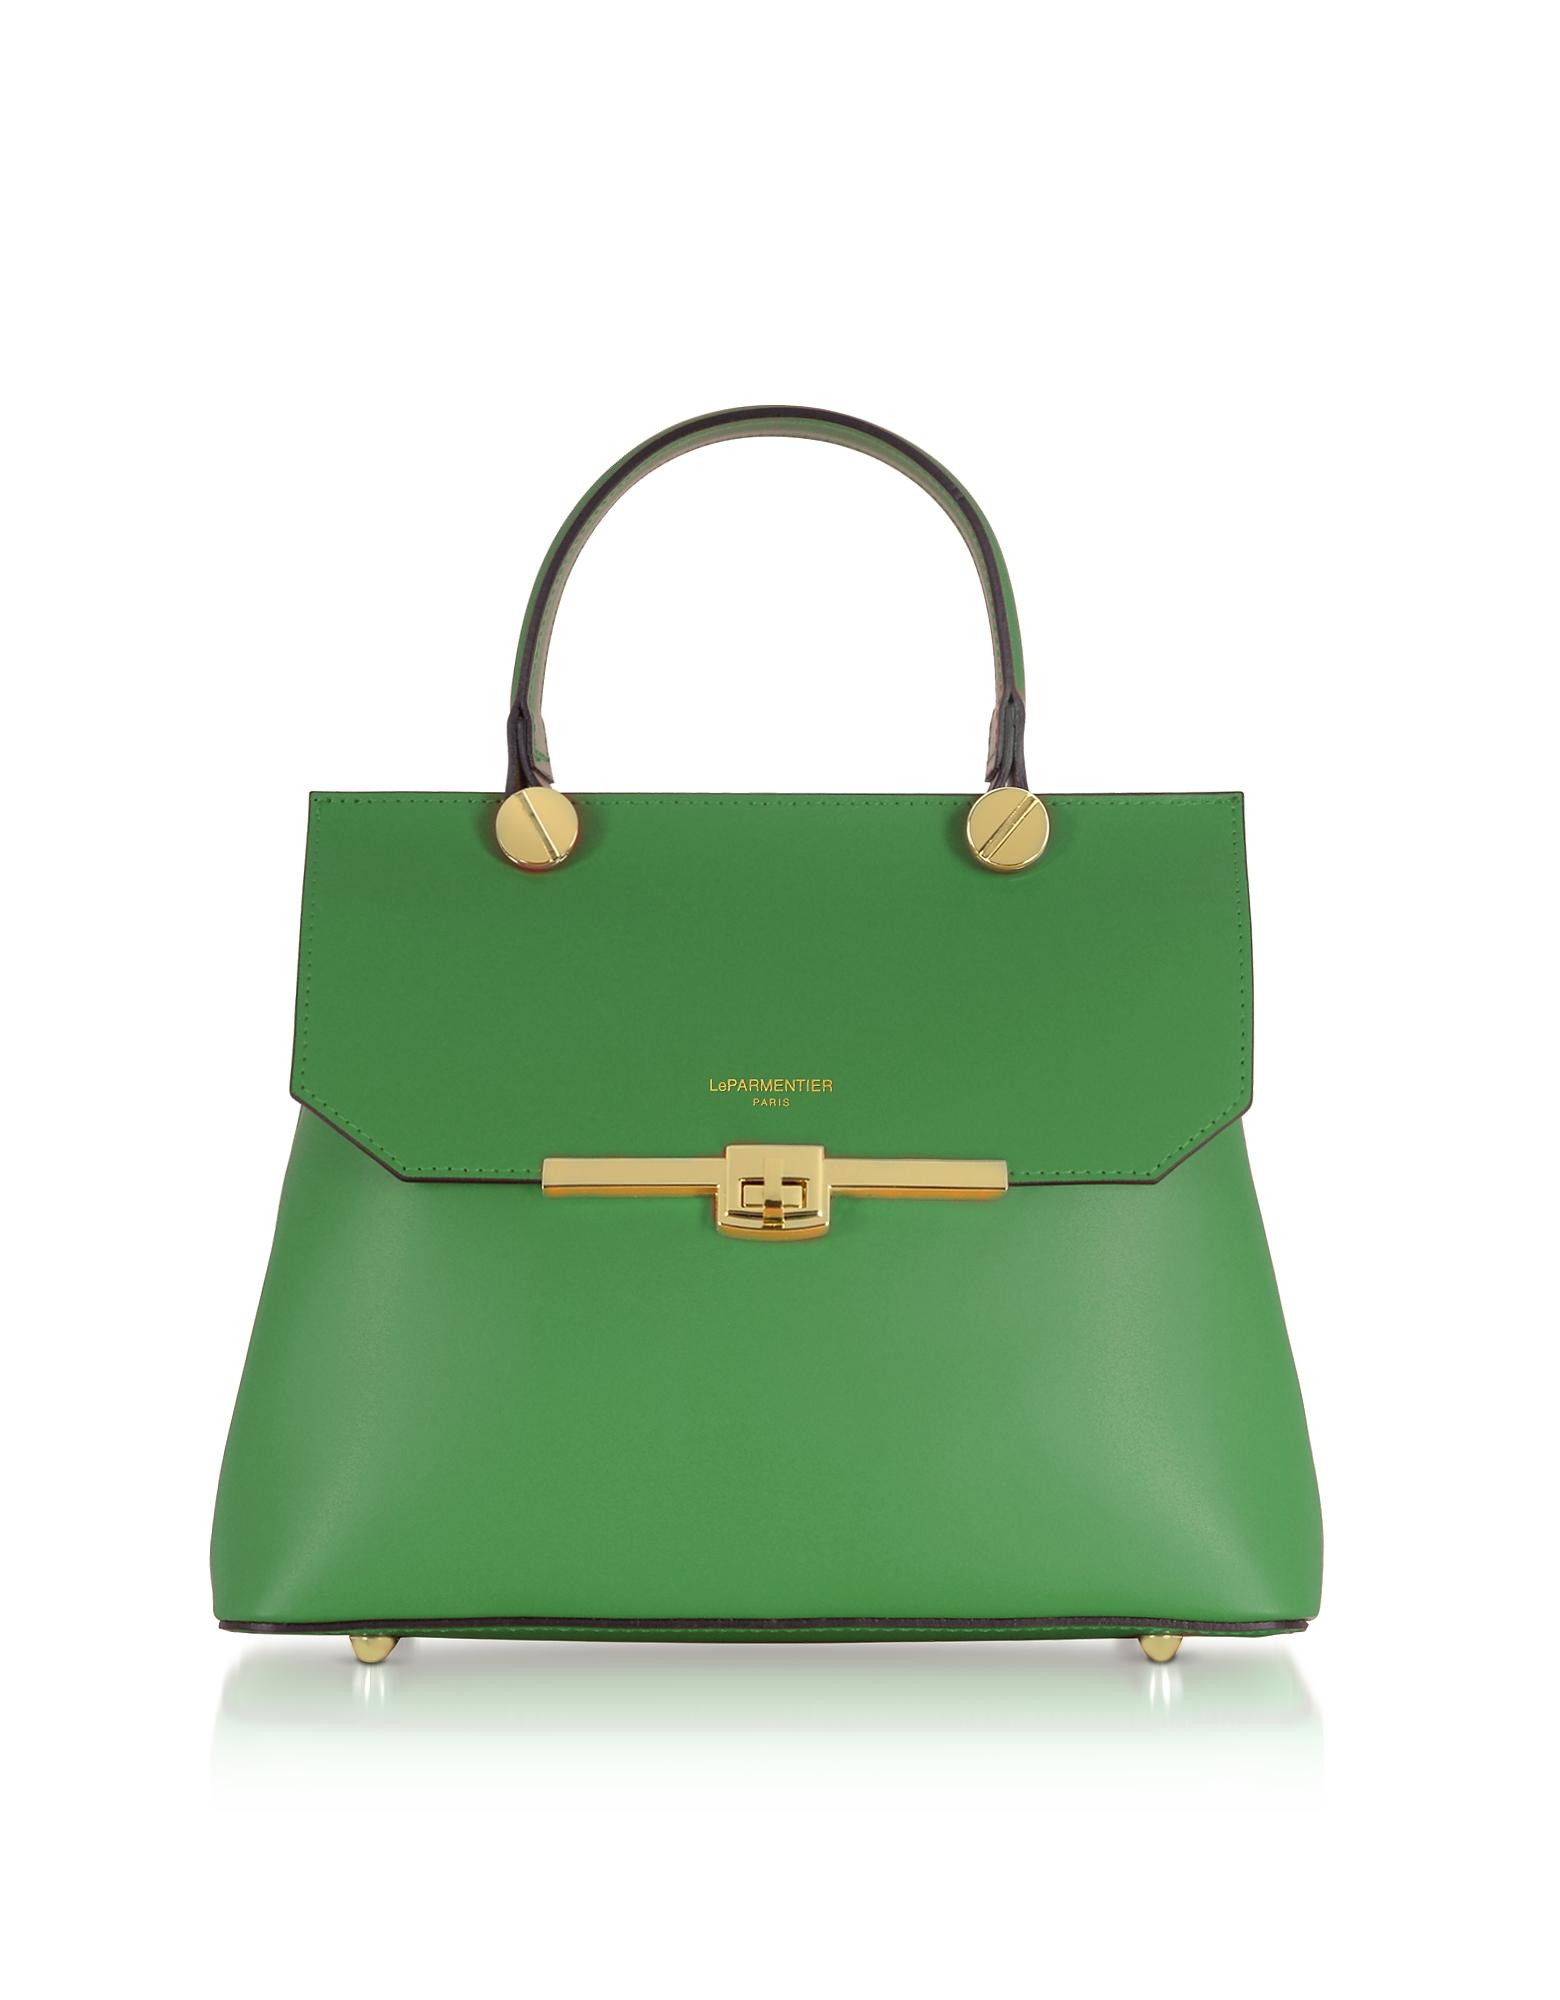 Le Parmentier Handbags, Atlanta Top Handle Satchel Bag